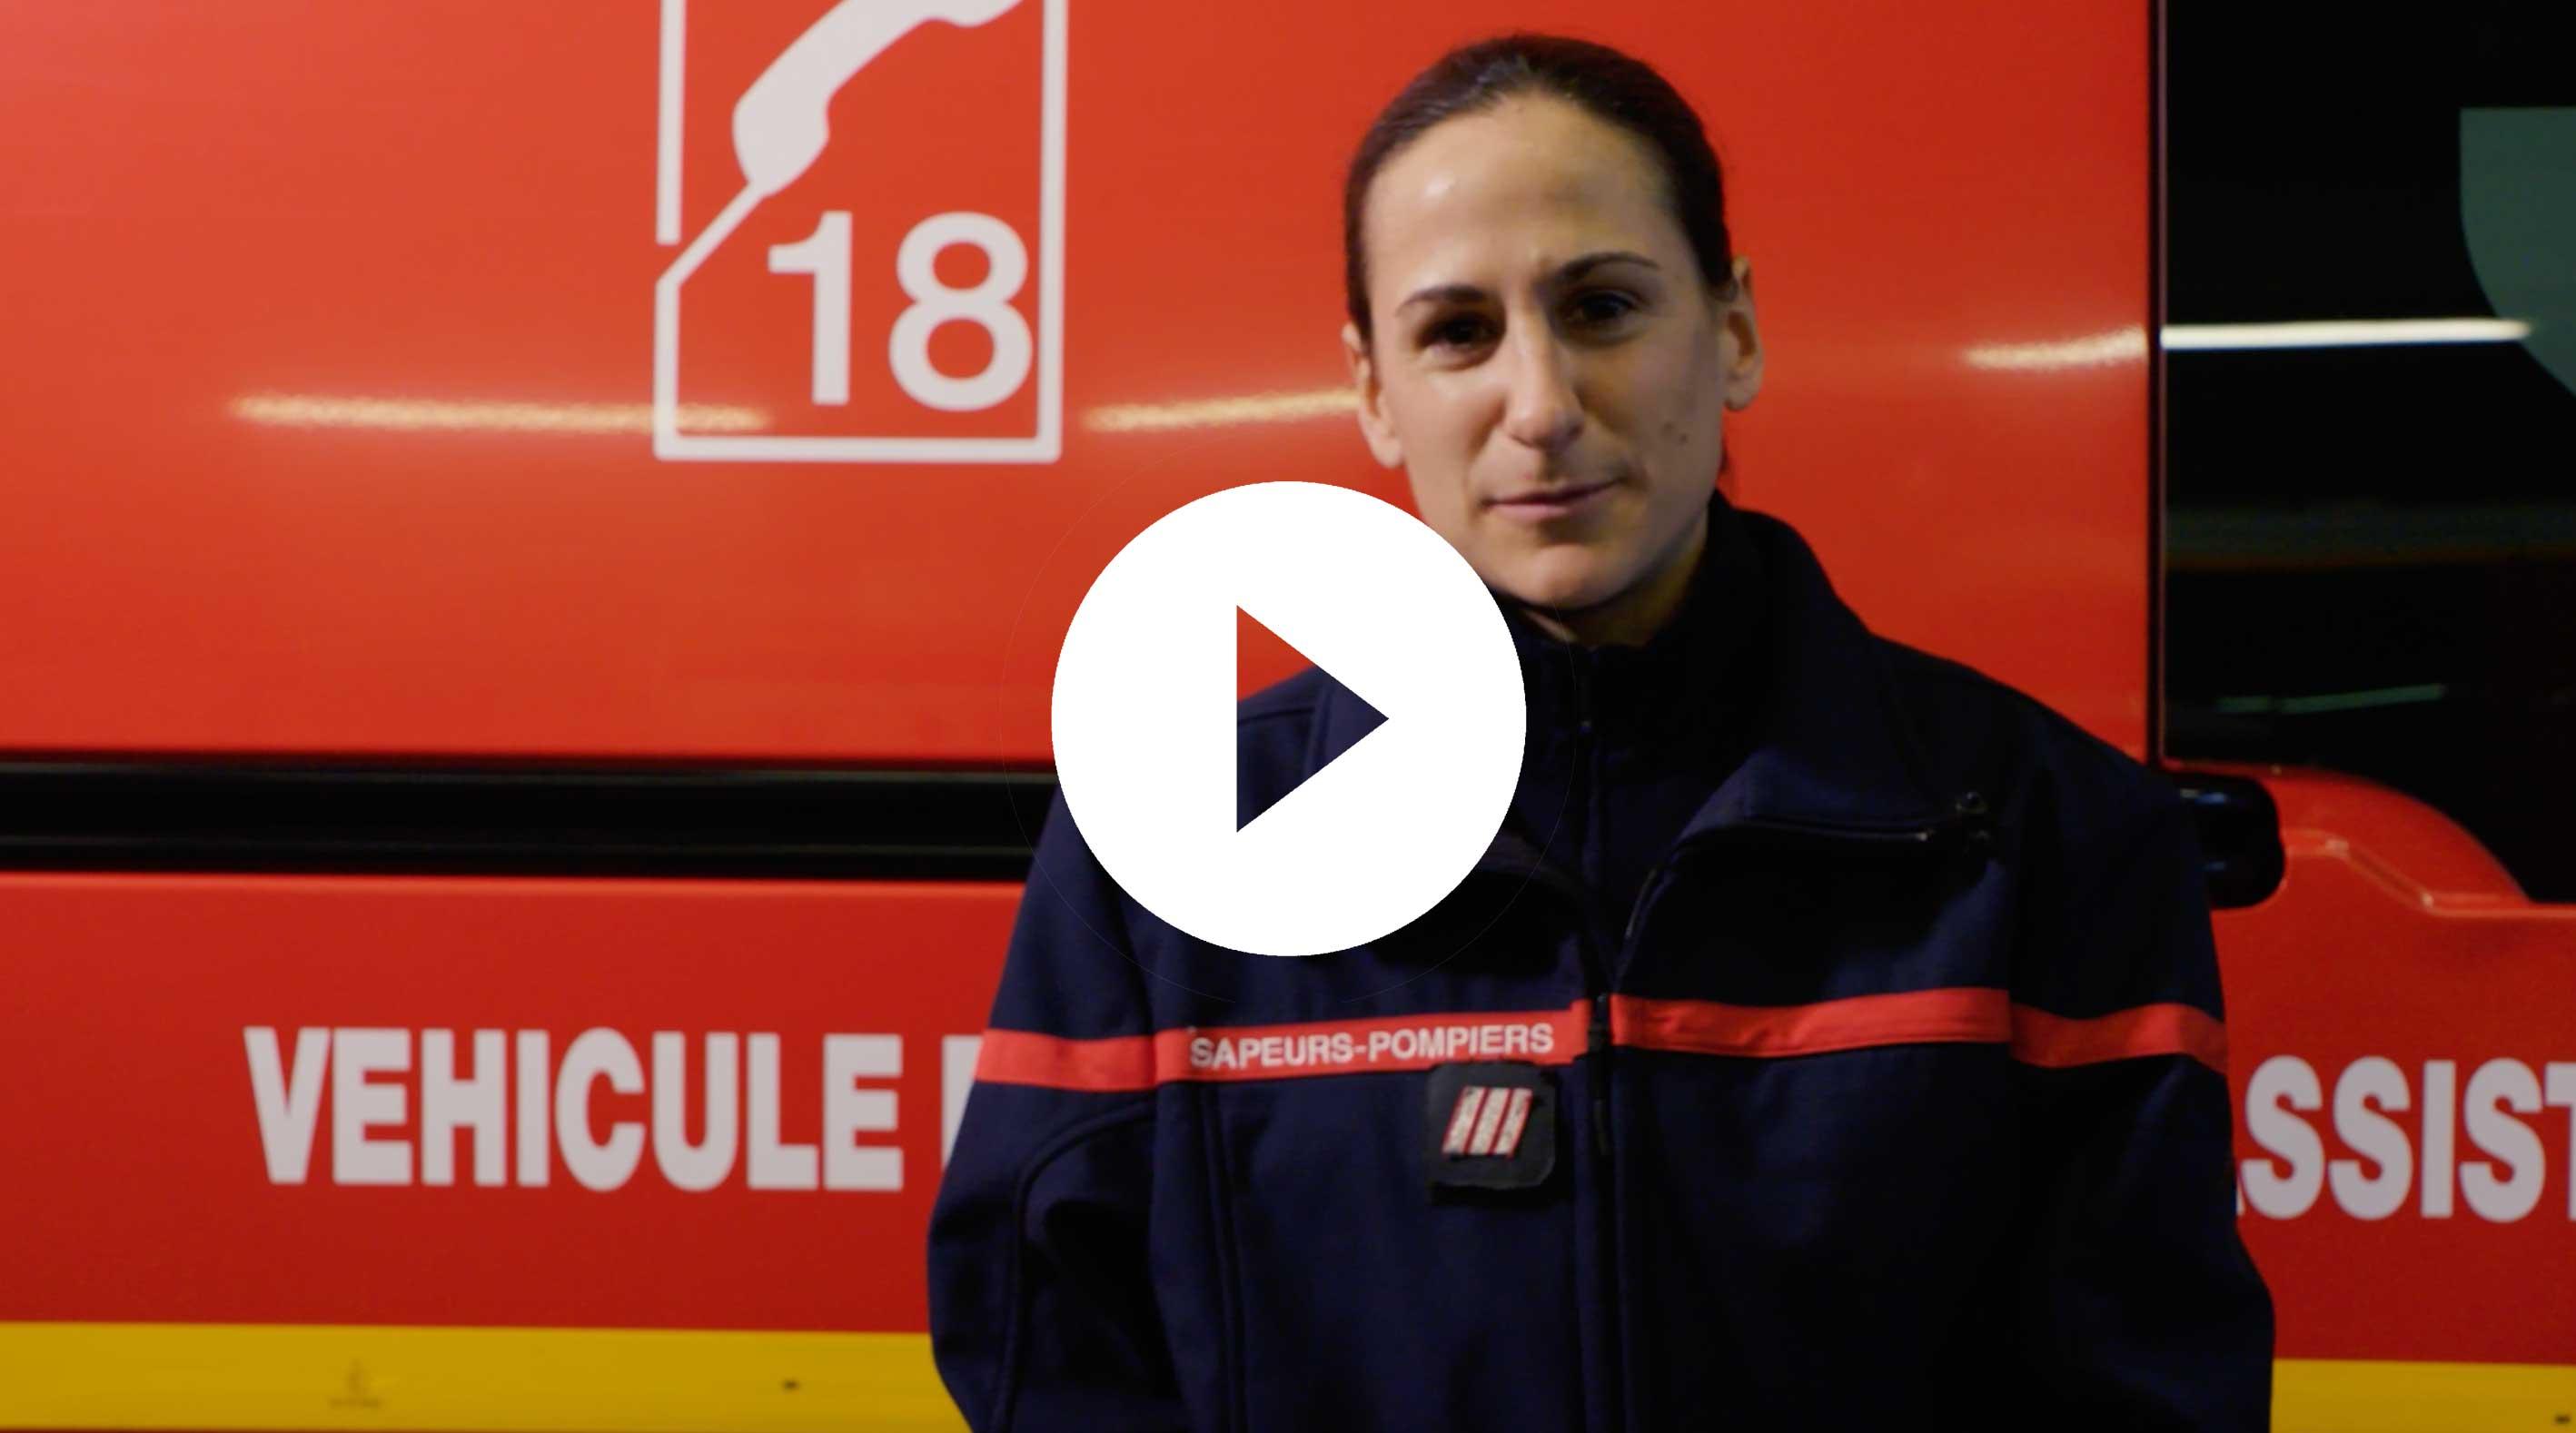 Paroles de pompiers - Stéphanie